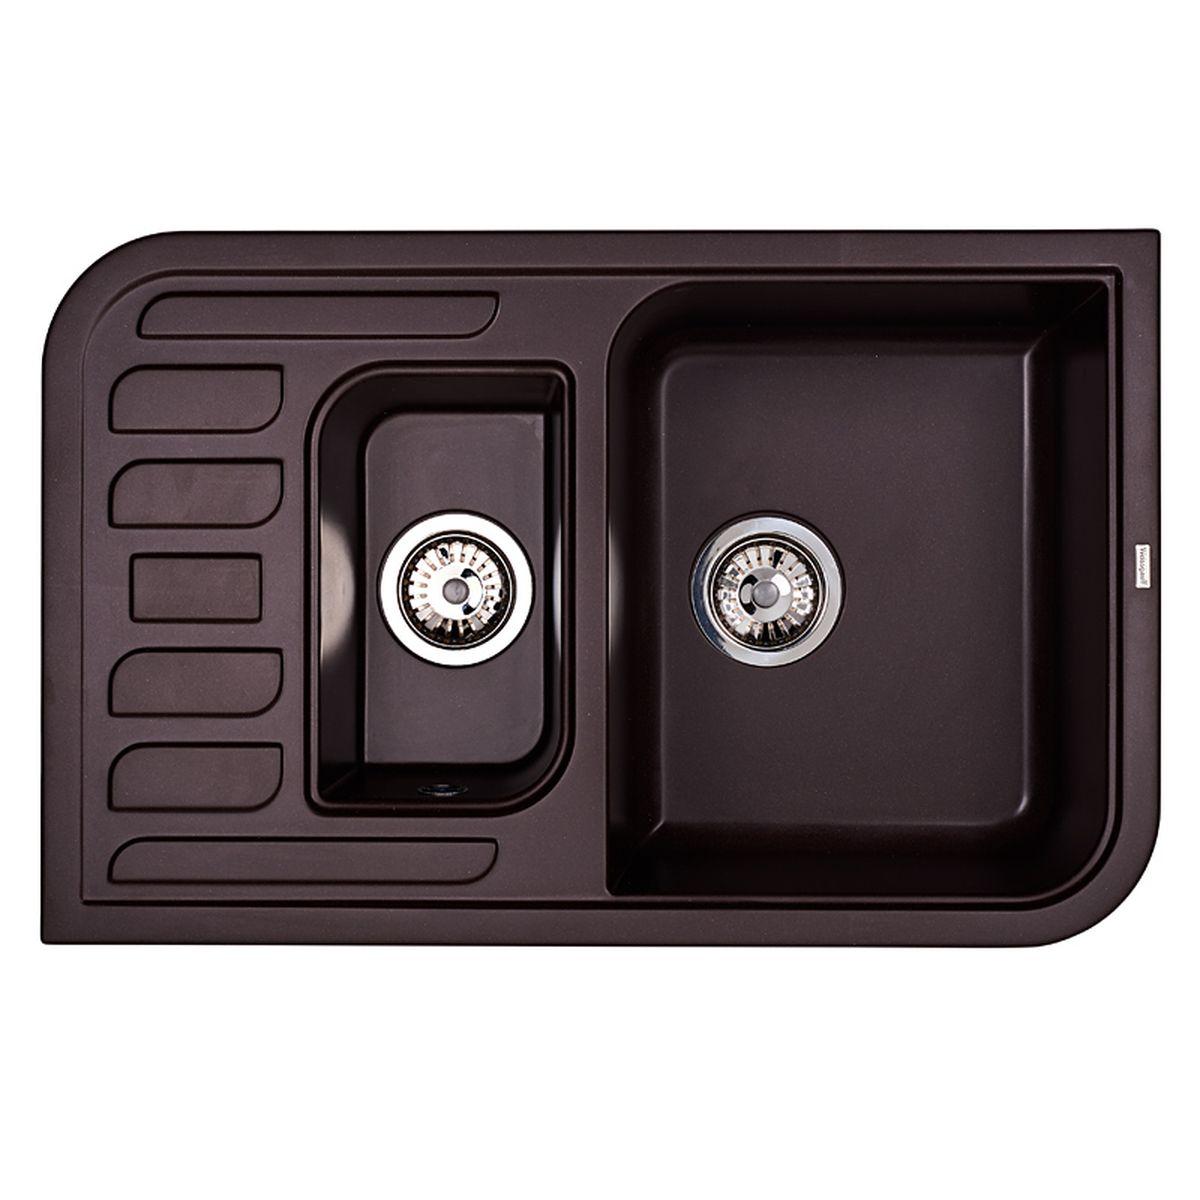 Мойка Weissgauff Softline 780 Eco Granit, цвет: шоколад, 78,0 х 18,5 х 50,0 см306332Гранитные мойки Weissgauff Eco Granit – классическая коллекция моек, изготовленных из специально подобранных композитных материалов , содержащих оптимальное сочетание 80% каменной массы высокого качества и 20% связующих материалов. Оригинальный и функциональный дизайн - технология изготовления позволяет создавать любые цвета и формы, оптимальные для современных кухонь. Мойки Weissgauff легко подобрать к интерьеру любой кухни, для разных цветов и форм столешниц Влагостойкость - отталкивание влаги – одна из примечательных особенностей моек из искусственного камня за счет связующих композитных материалов, которые продлевают их срок службы и способствуют сохранению первоначального вида Термостойкость - подвергая мойки воздействию высоких температур, например, различными горячими жидкостями, будьте уверенны, что мойки Weissgauff – эталон стойкости и качества, так как они устойчивы к перепаду температур. Специальный состав моек Weisgauff избавляет от проблемы...